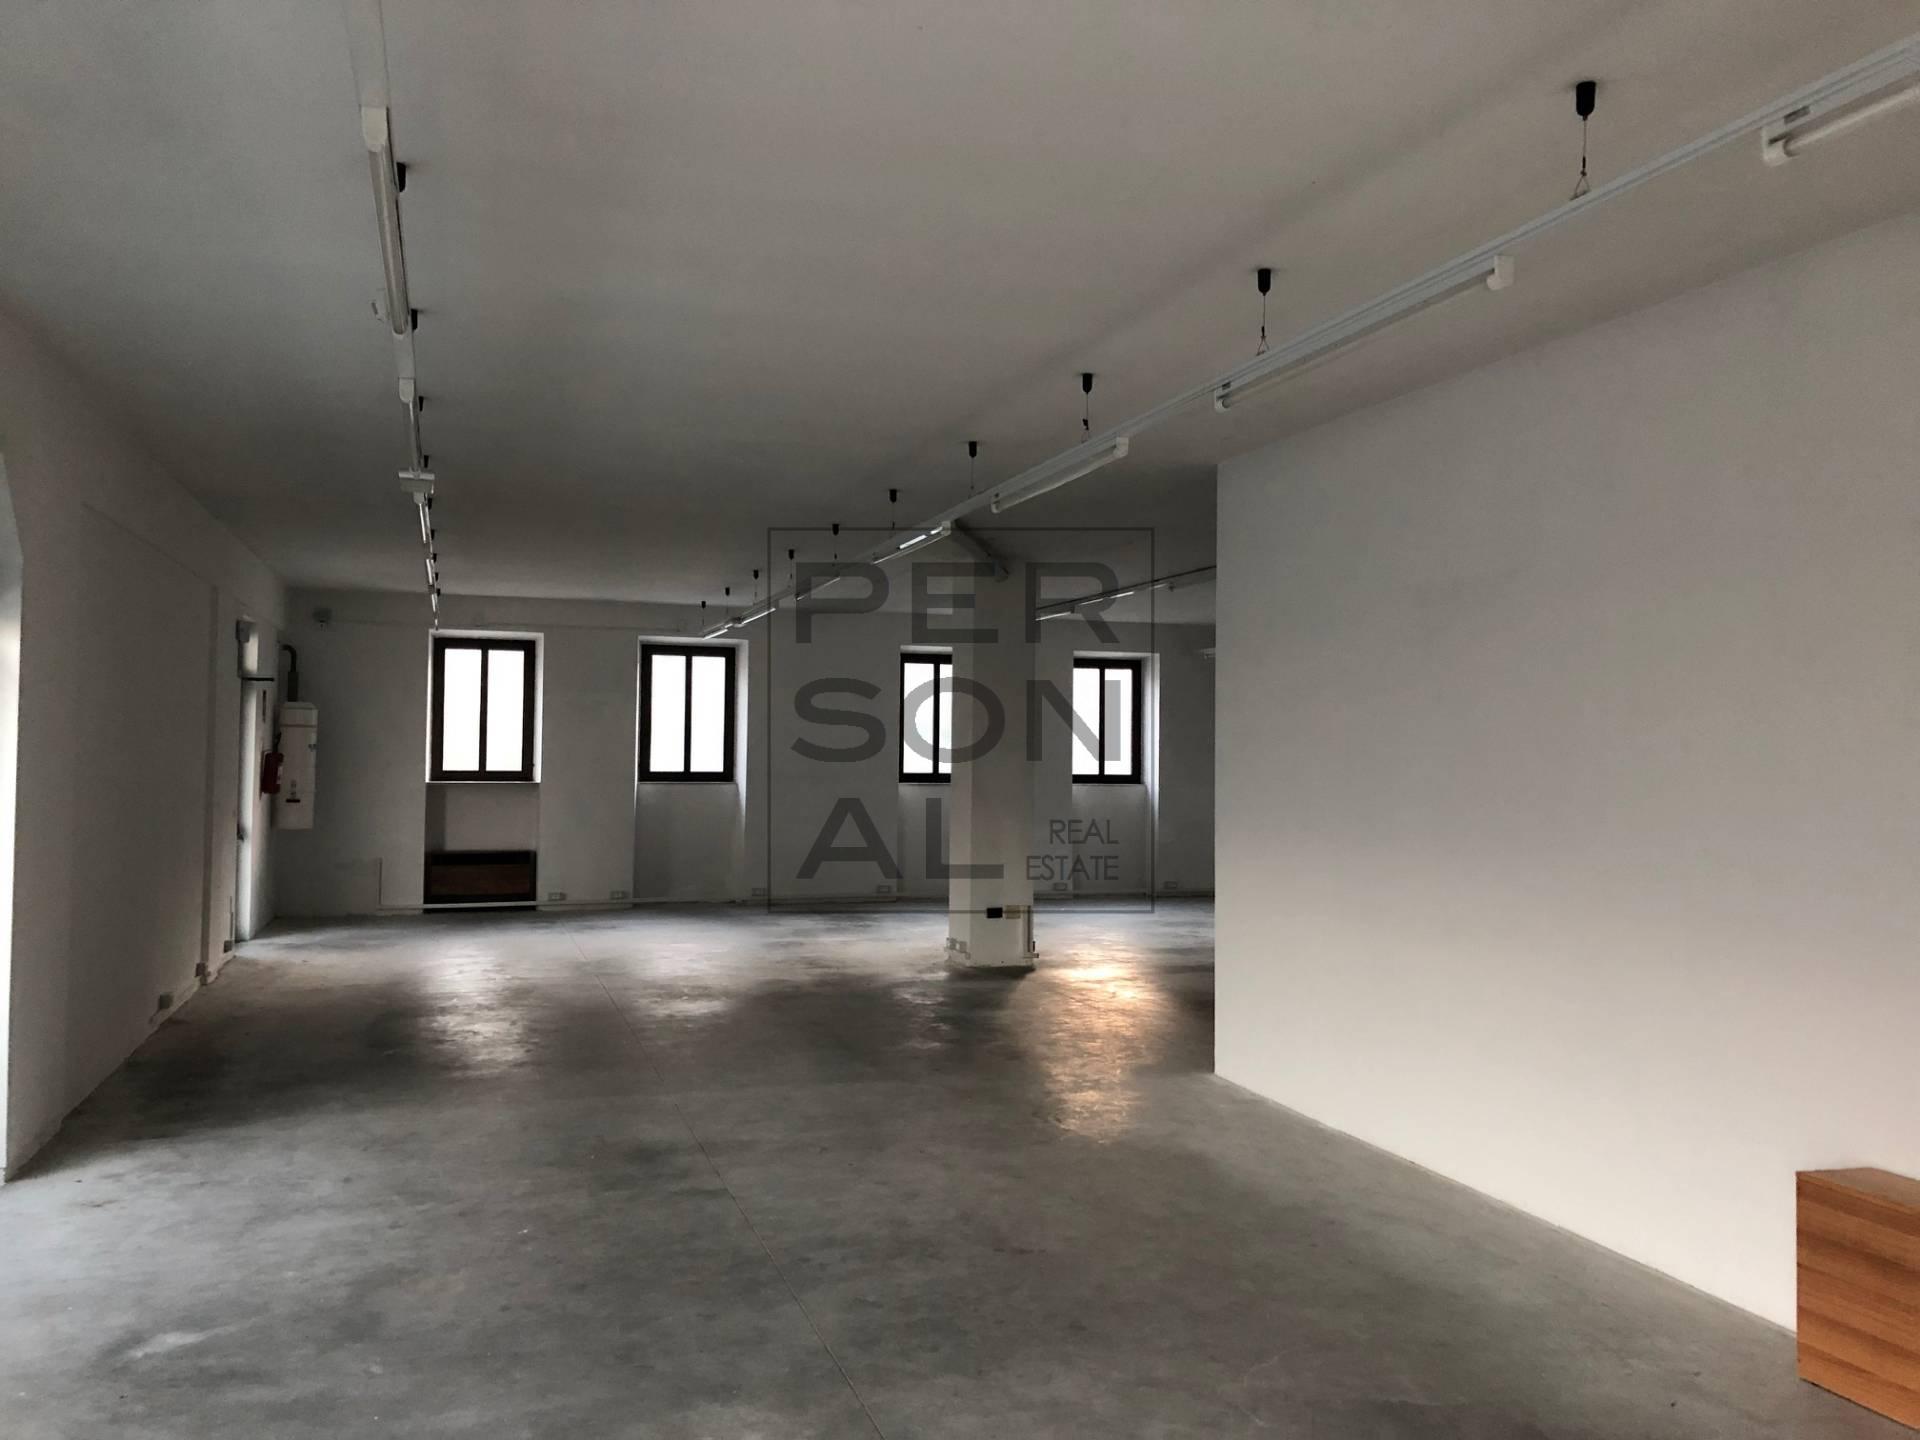 Foto attivit� commerciale in affitto a Mori (Trento)